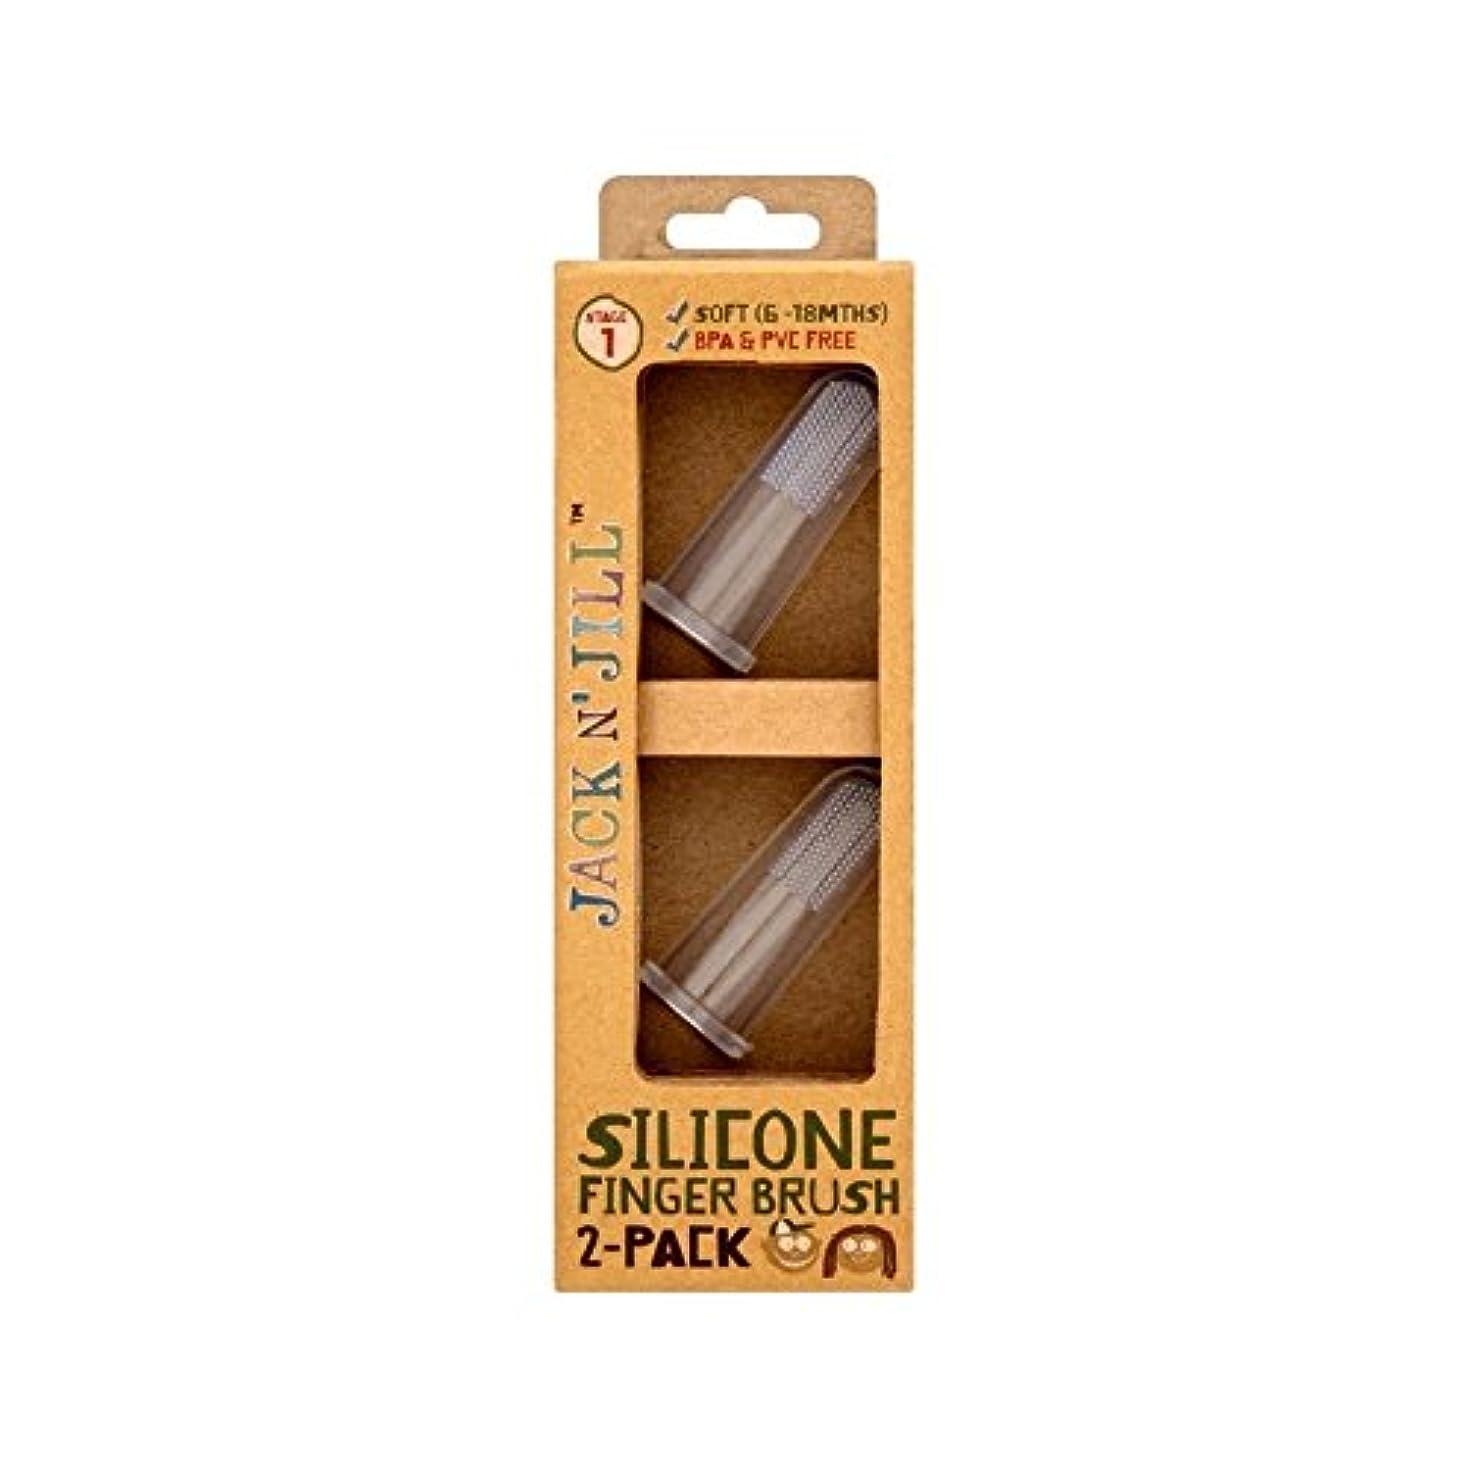 日曜日アーネストシャクルトン田舎シリコーン指ブラシ2パックあたりパック2 (Jack N Jill) - Jack N' Jill Silicone Finger Brush 2 Pack 2 per pack [並行輸入品]